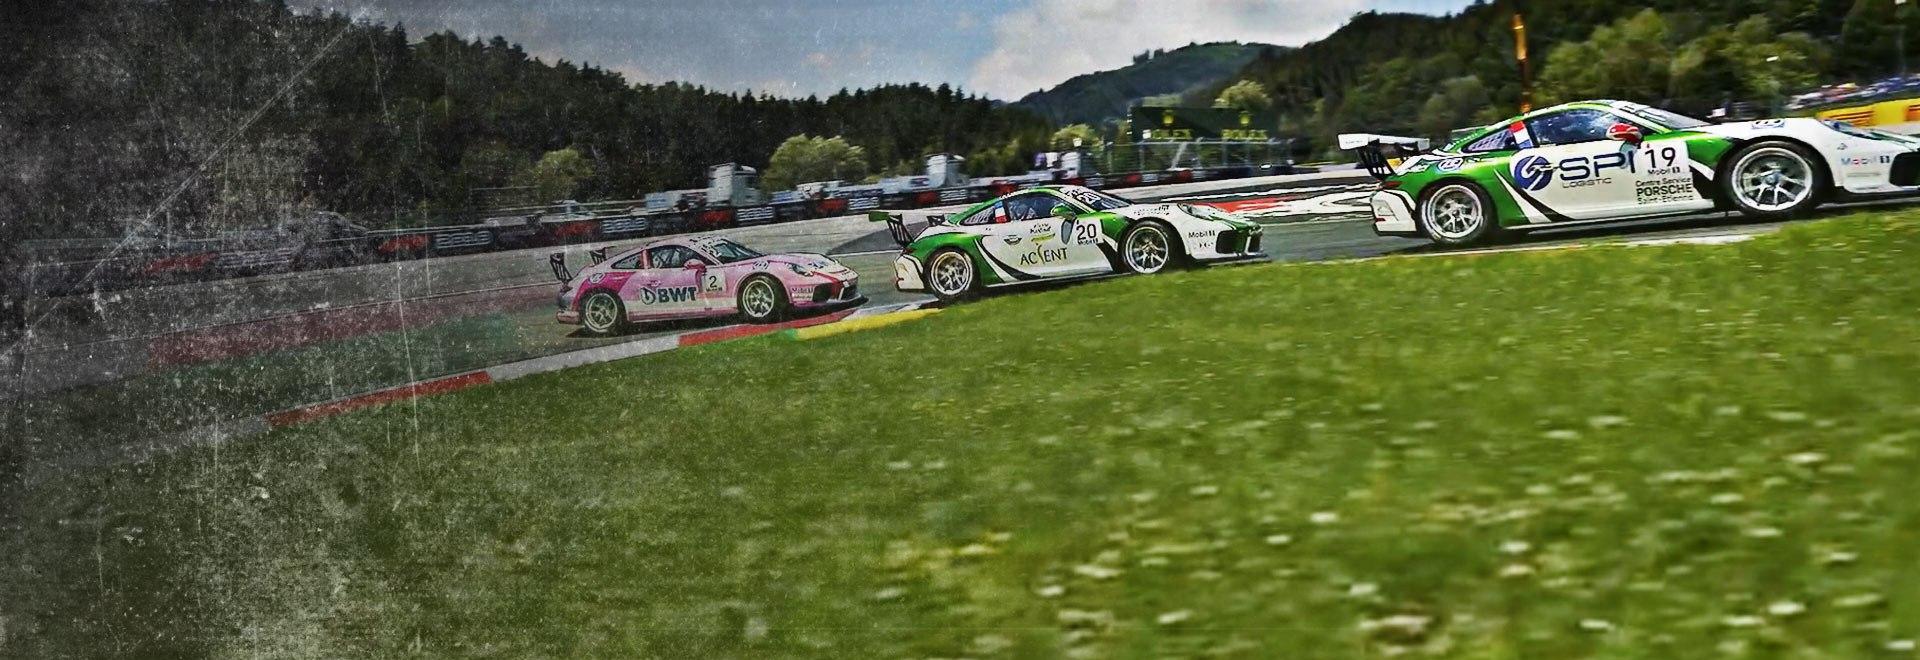 GP Austria PL